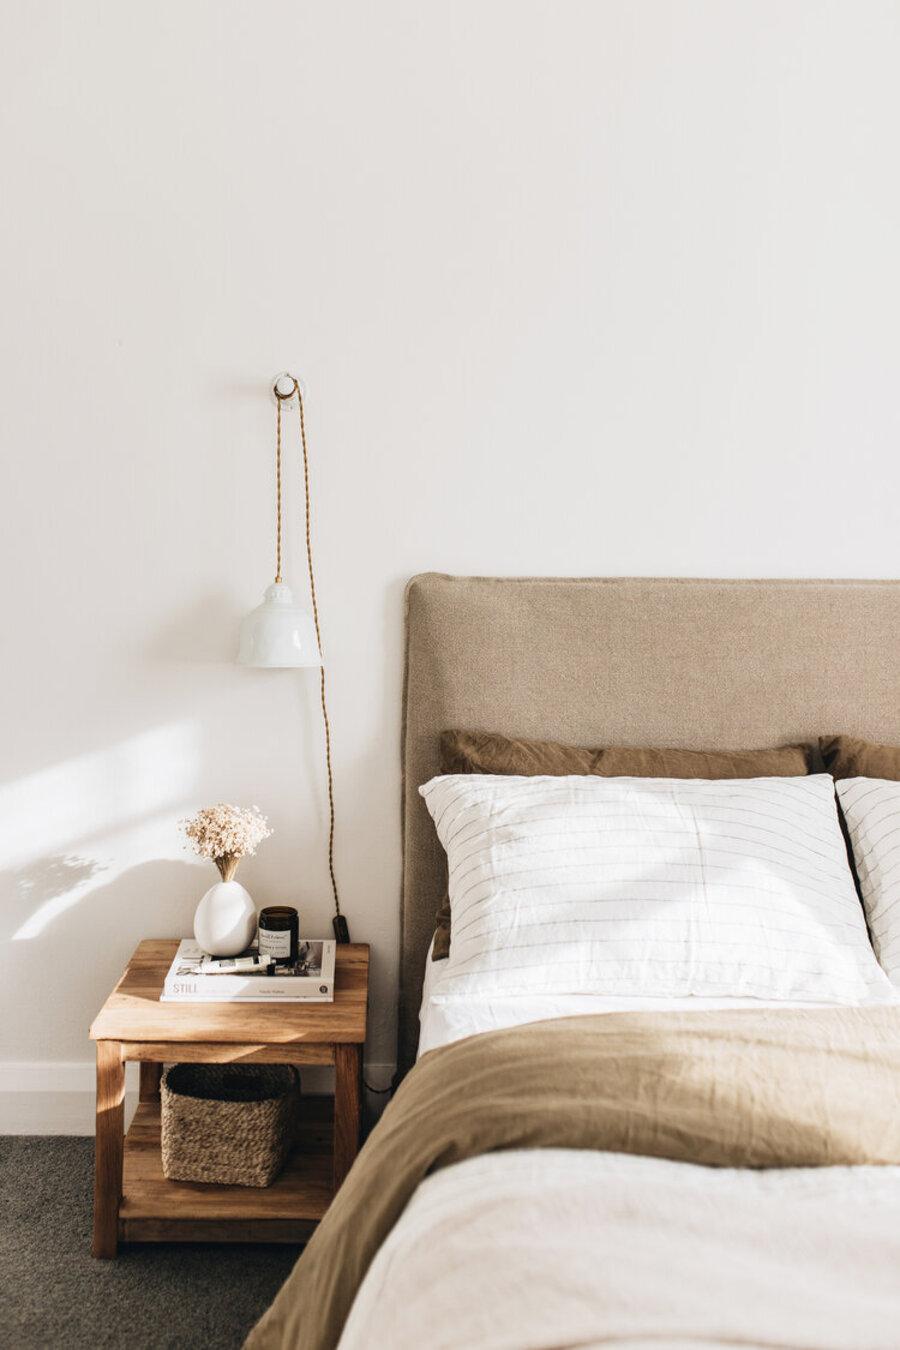 Elementos decorativos fabricados por artesanos le darán una vibra slow deco a tus espacios.